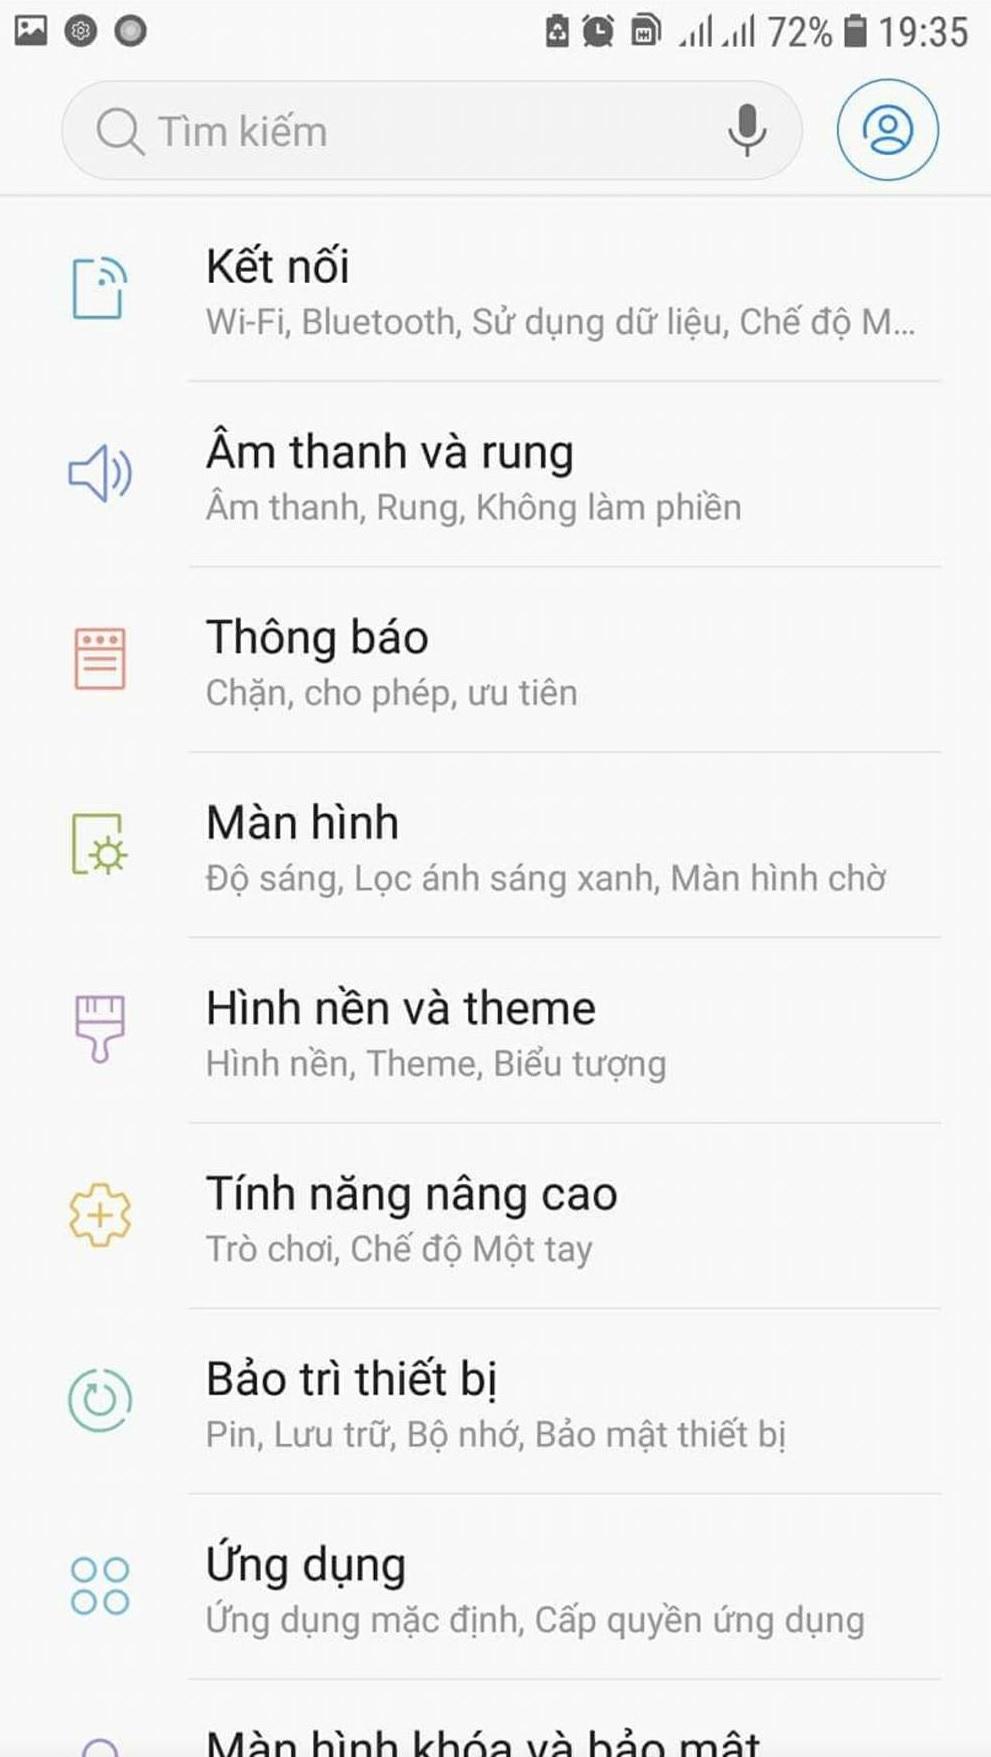 Samsung Galaxy S7/S7 edge Việt Nam đã nhận bản cập nhật Android 8.0 Oreo